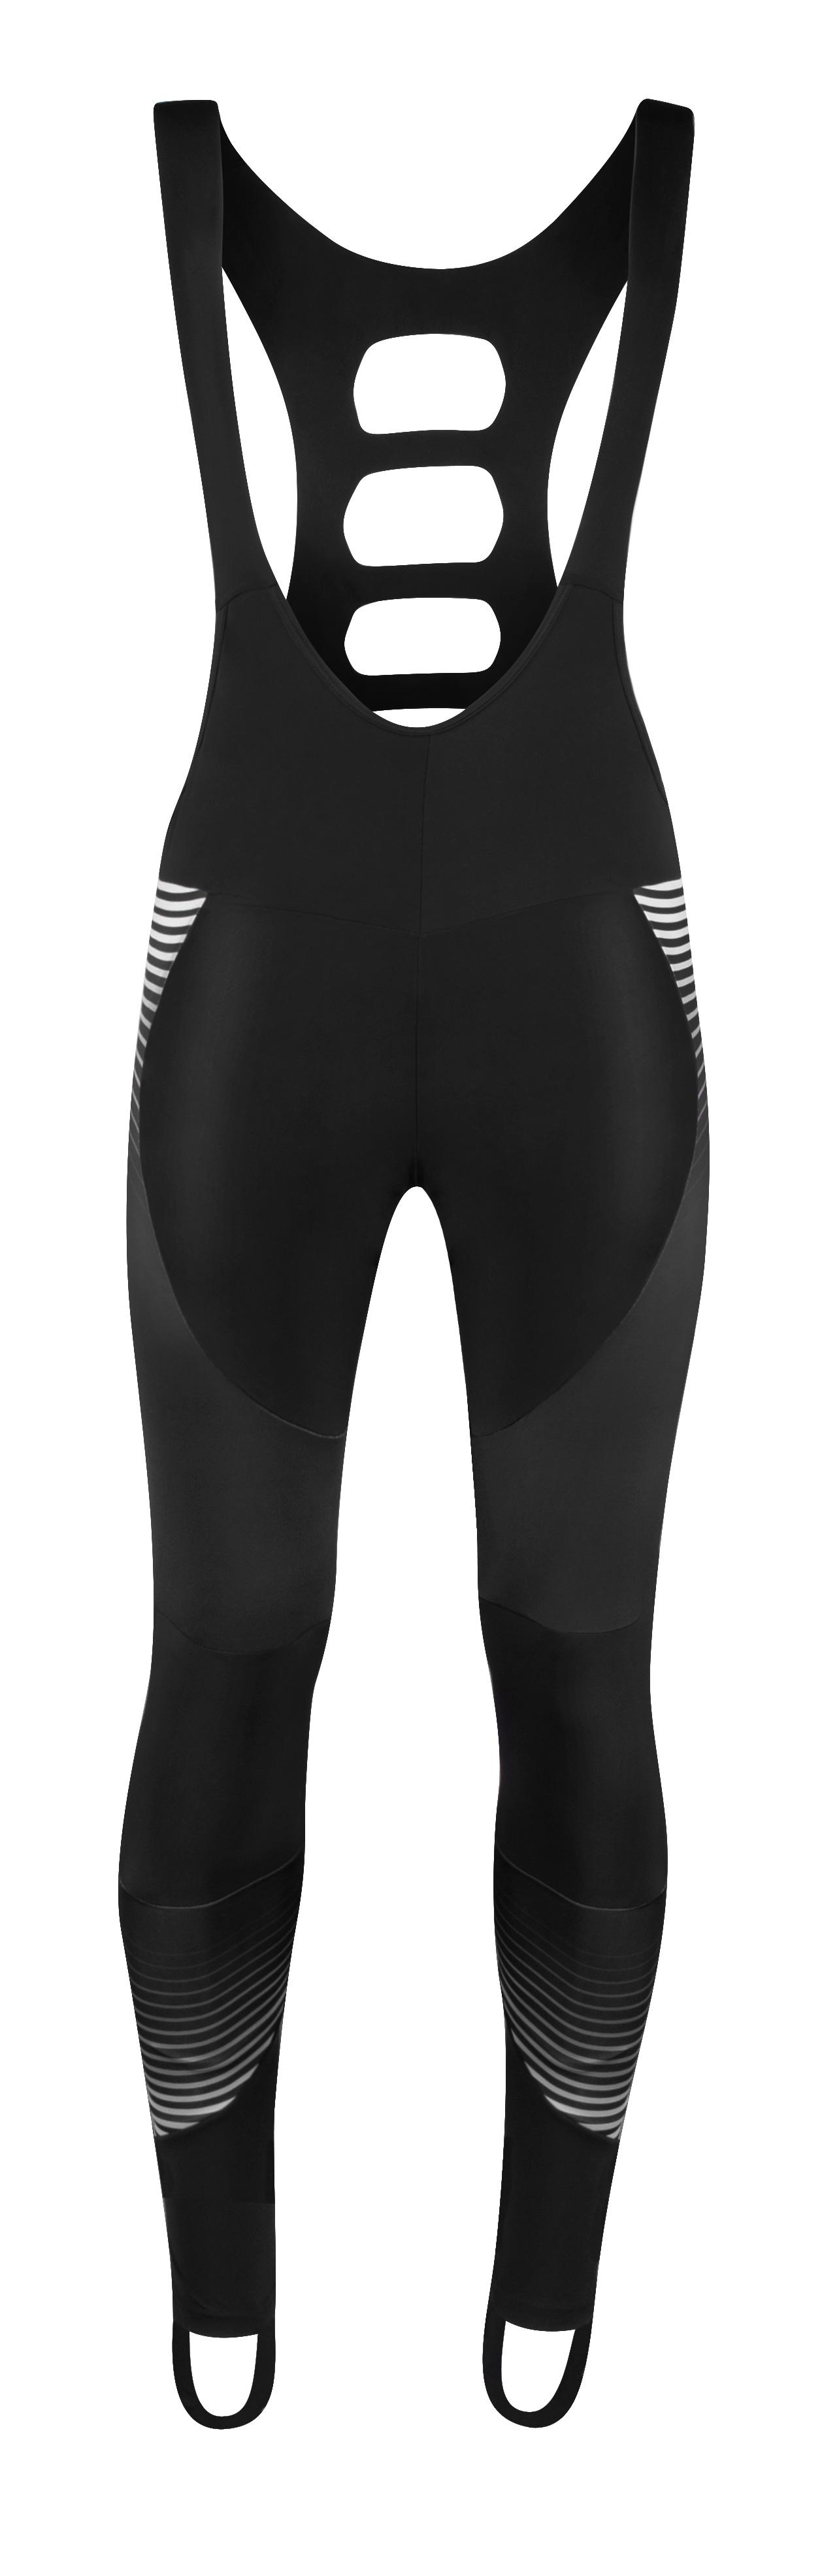 kalhoty F DRIFT WIND se šráky bez vložky,černé XXL